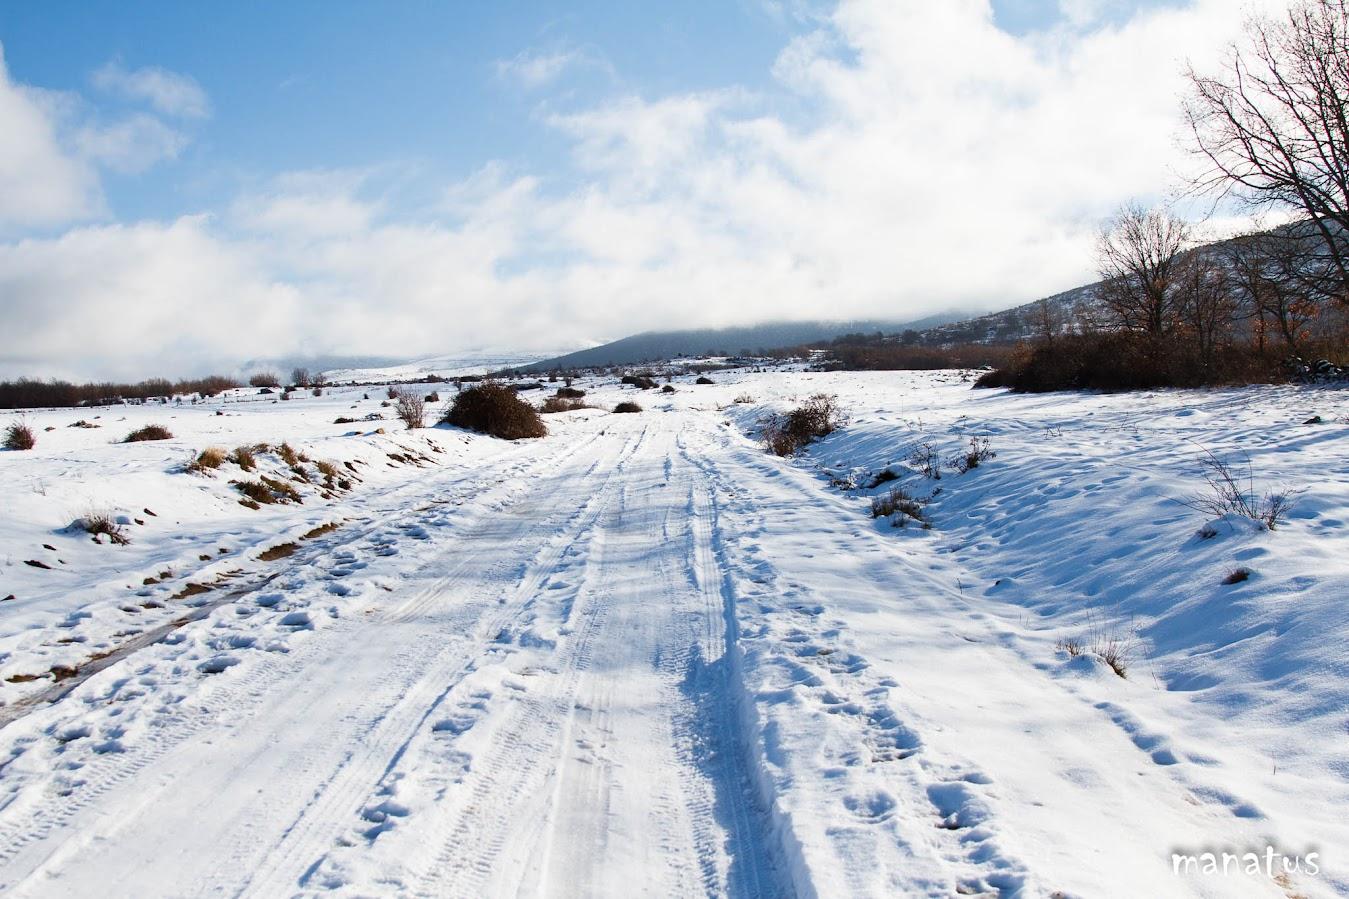 manatus camino nevado